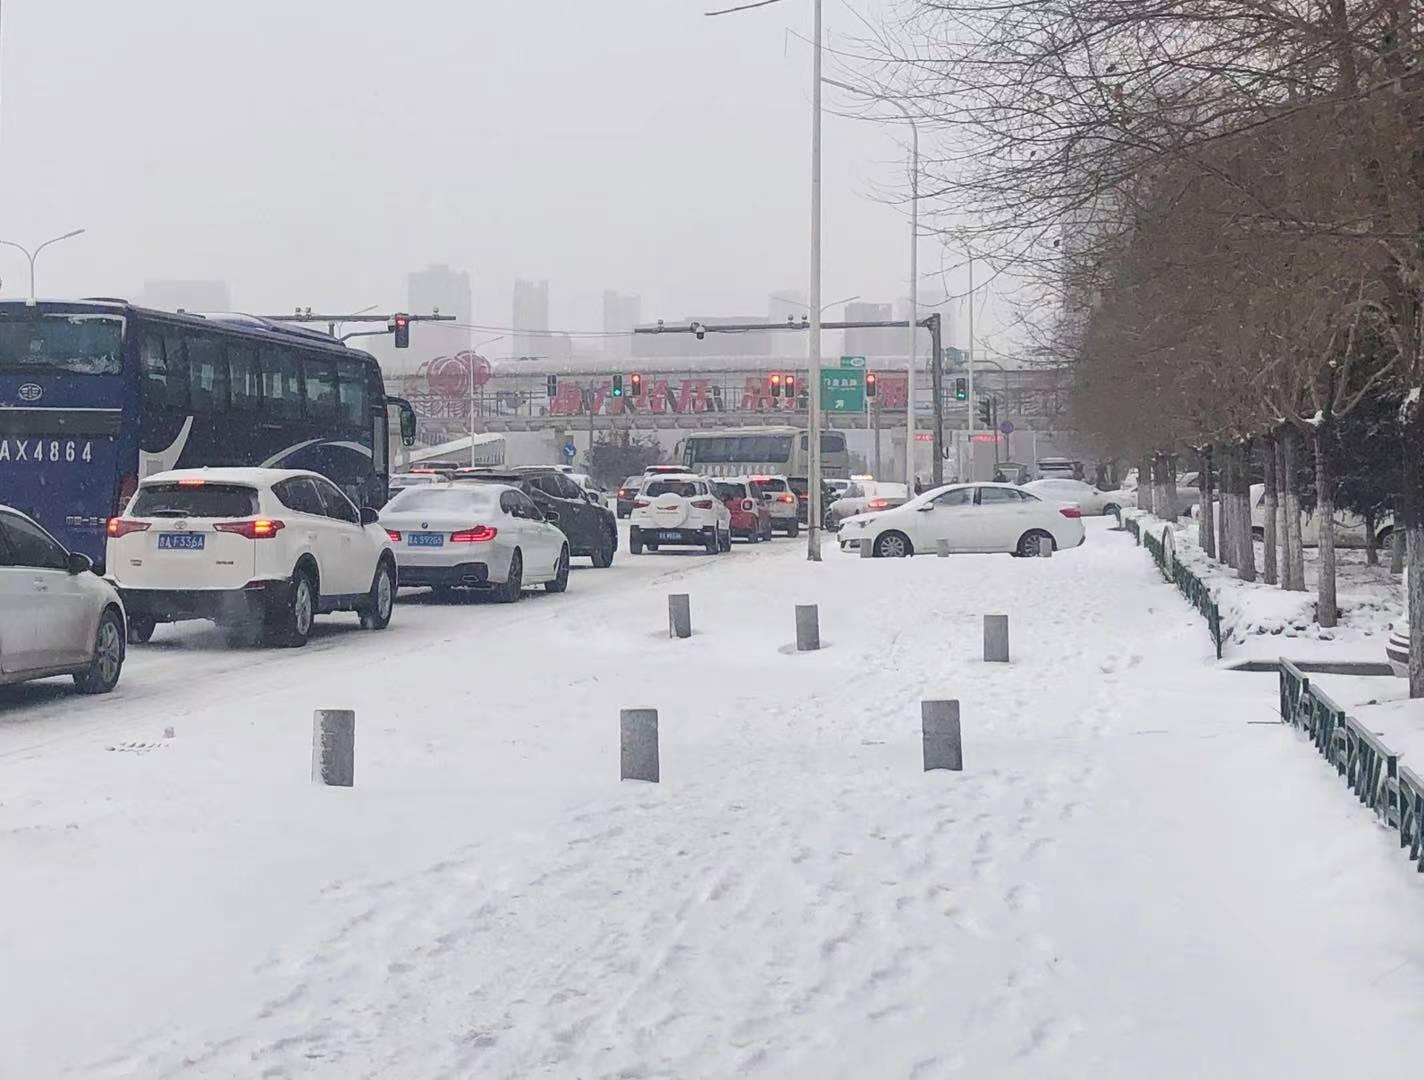 今日惊蛰 有雪 出门请注意保暖与安全